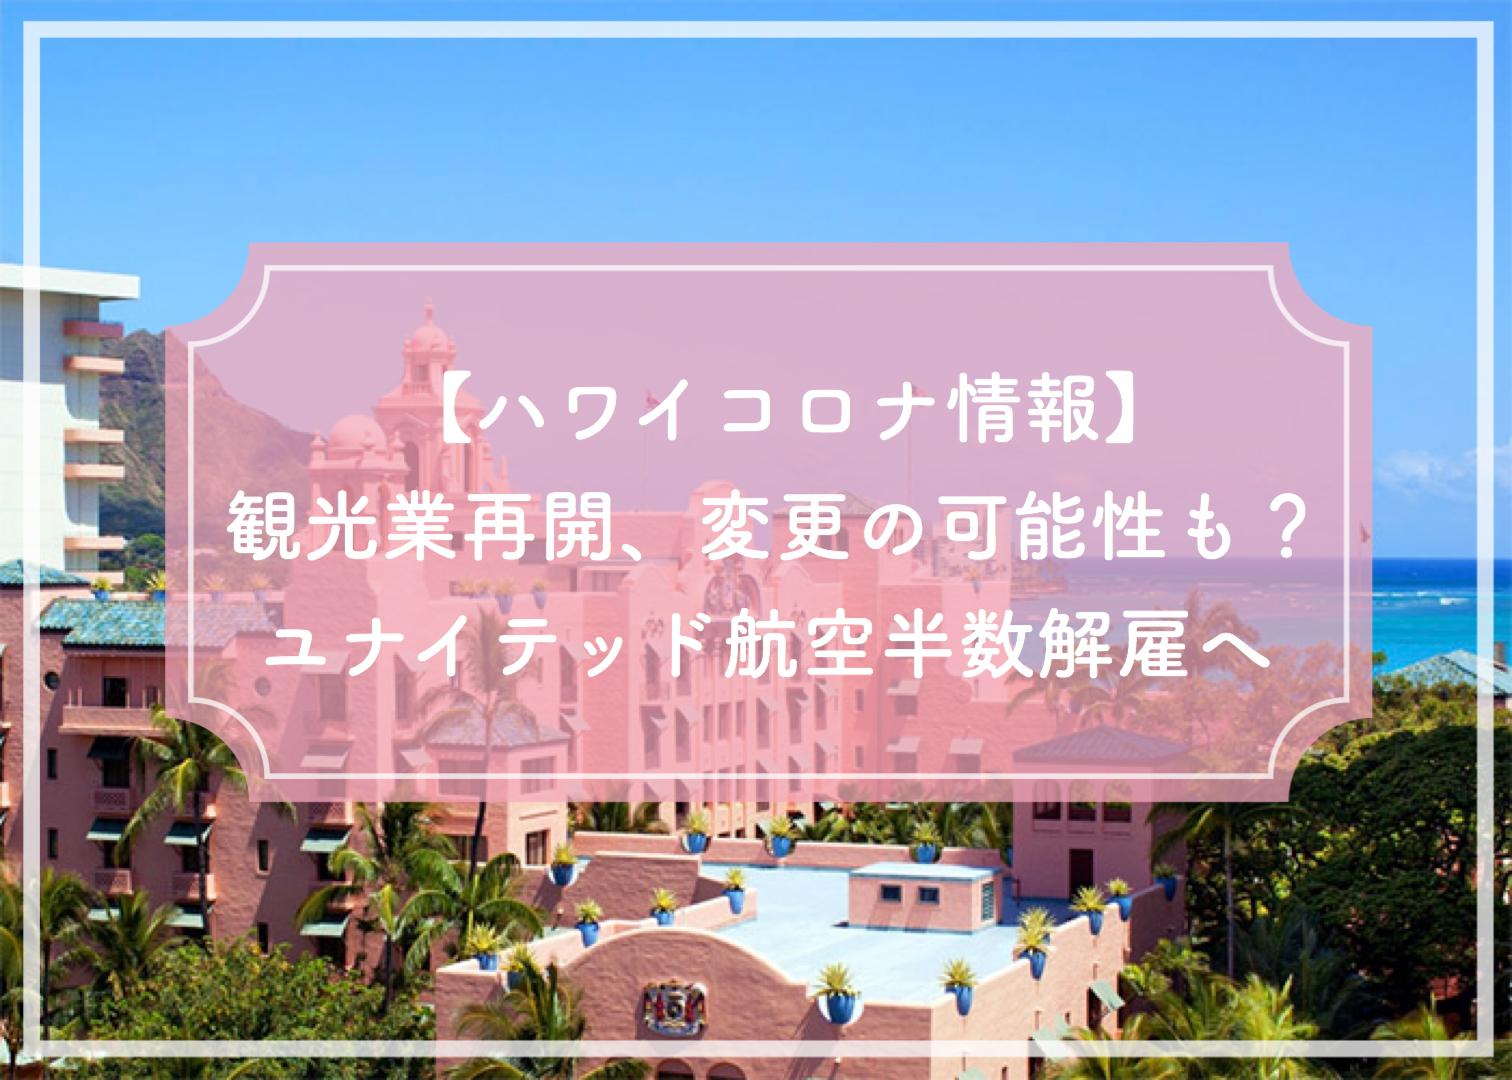 【ハワイコロナ情報】観光客受け入れ、変更も? ユナイテッド航空半数解雇へ